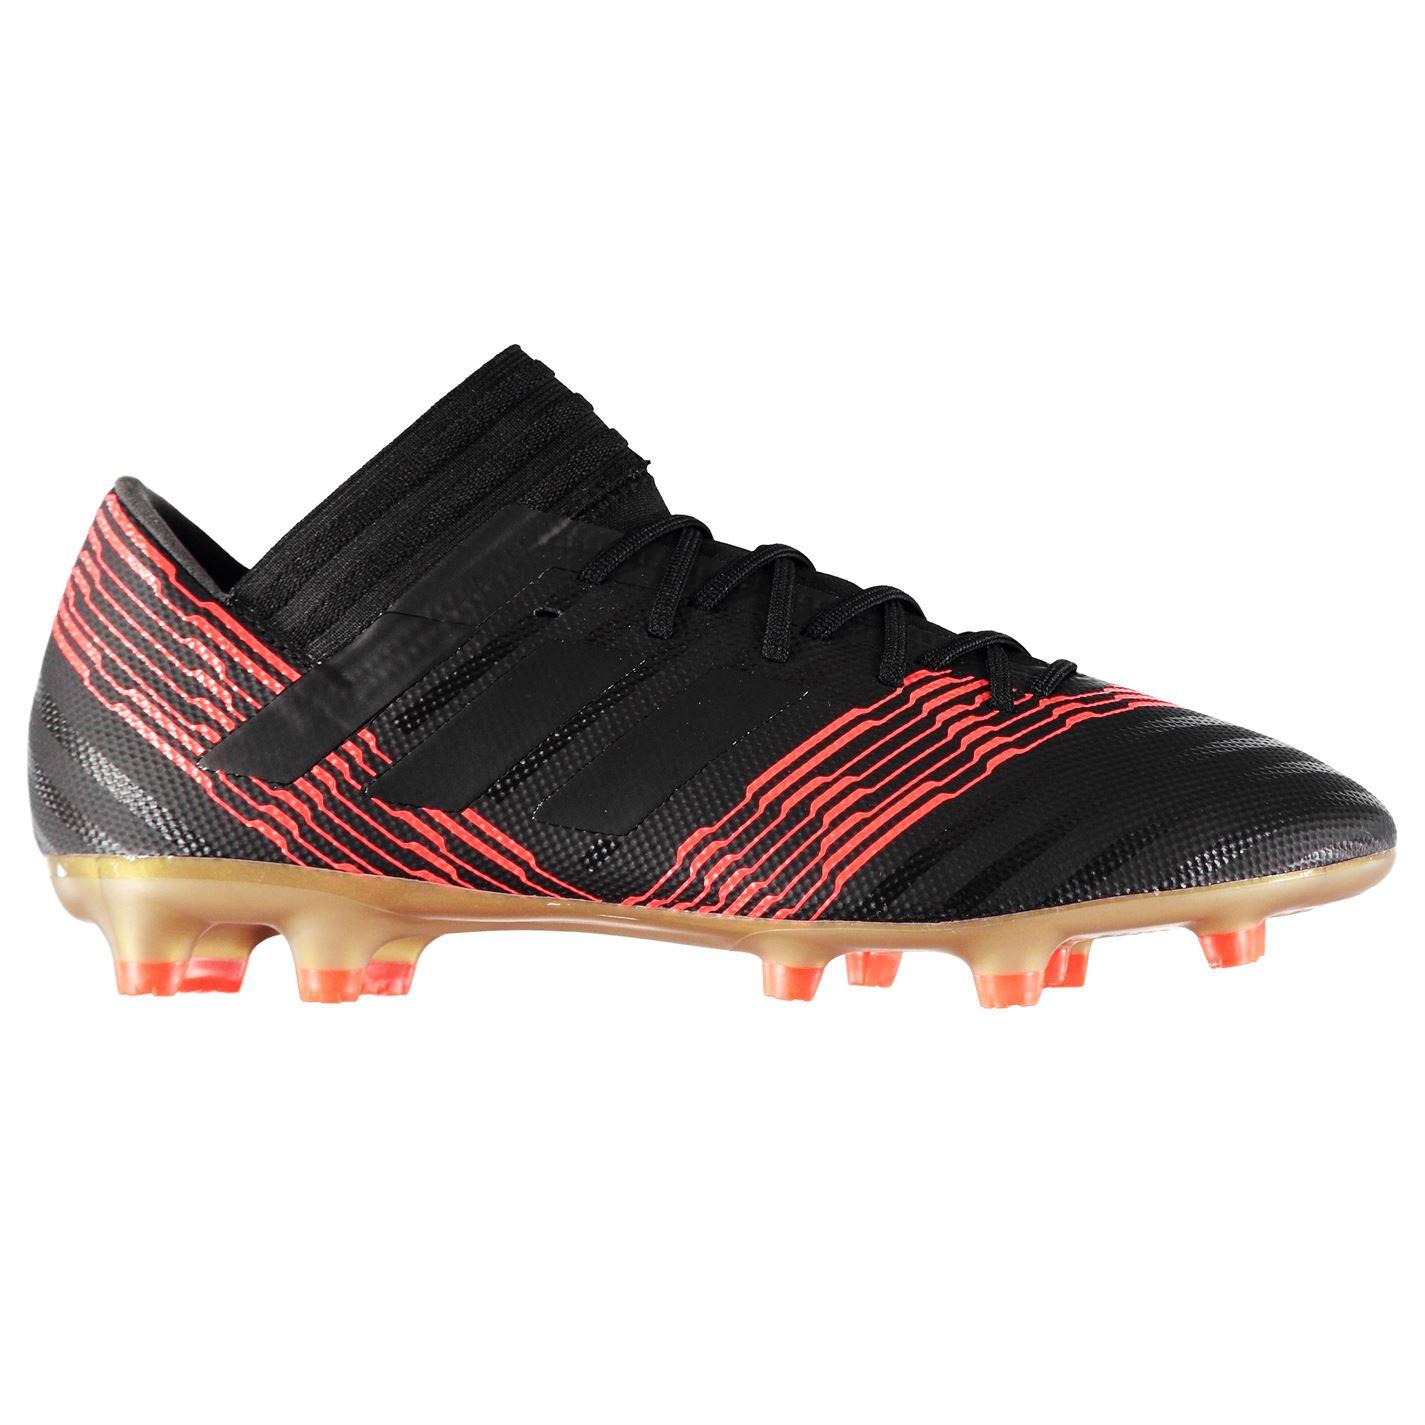 Adidas Nemeziz 17.3 Mens FG Football Boots